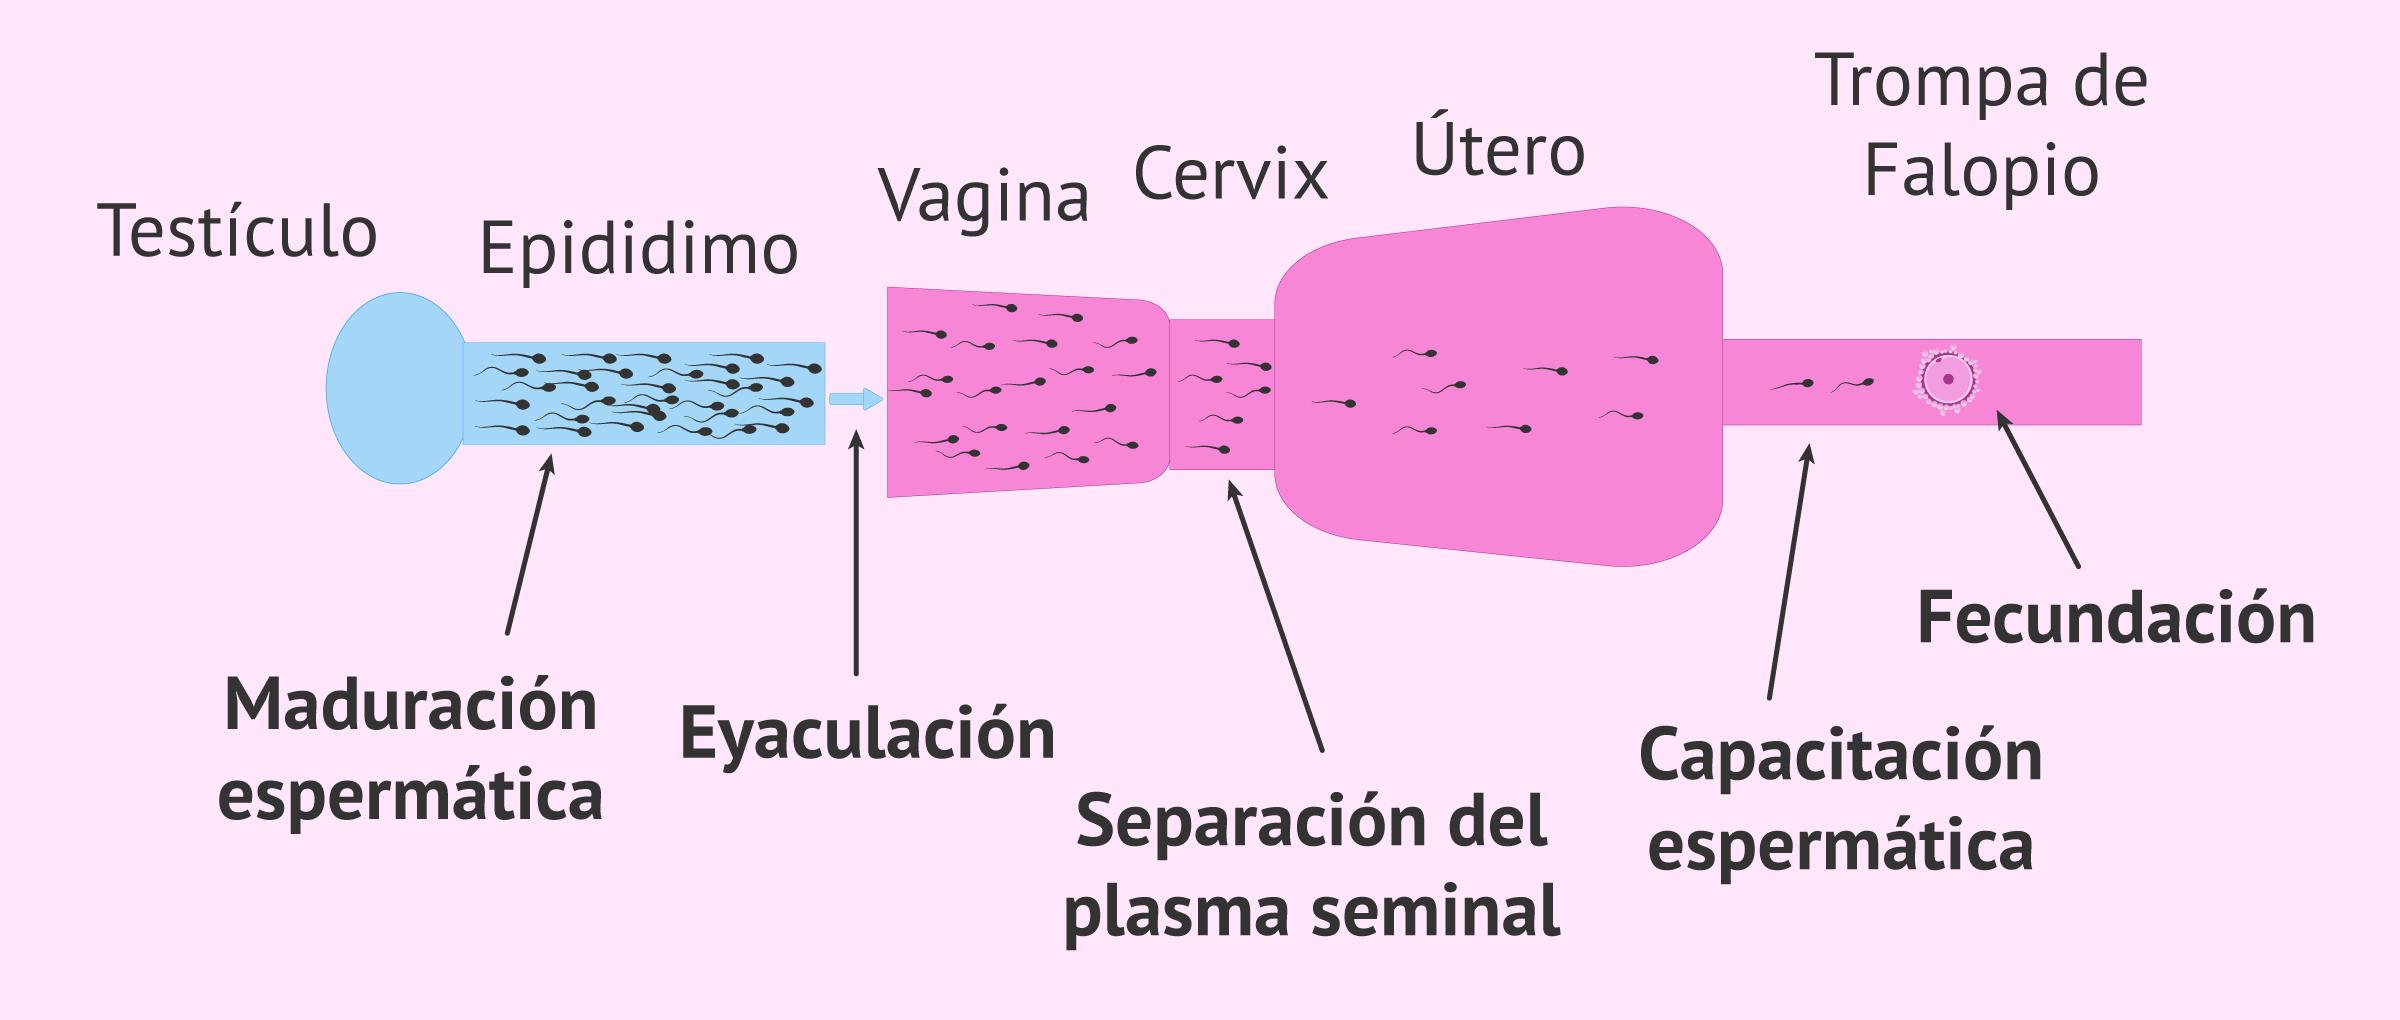 Capacitación espermática natural